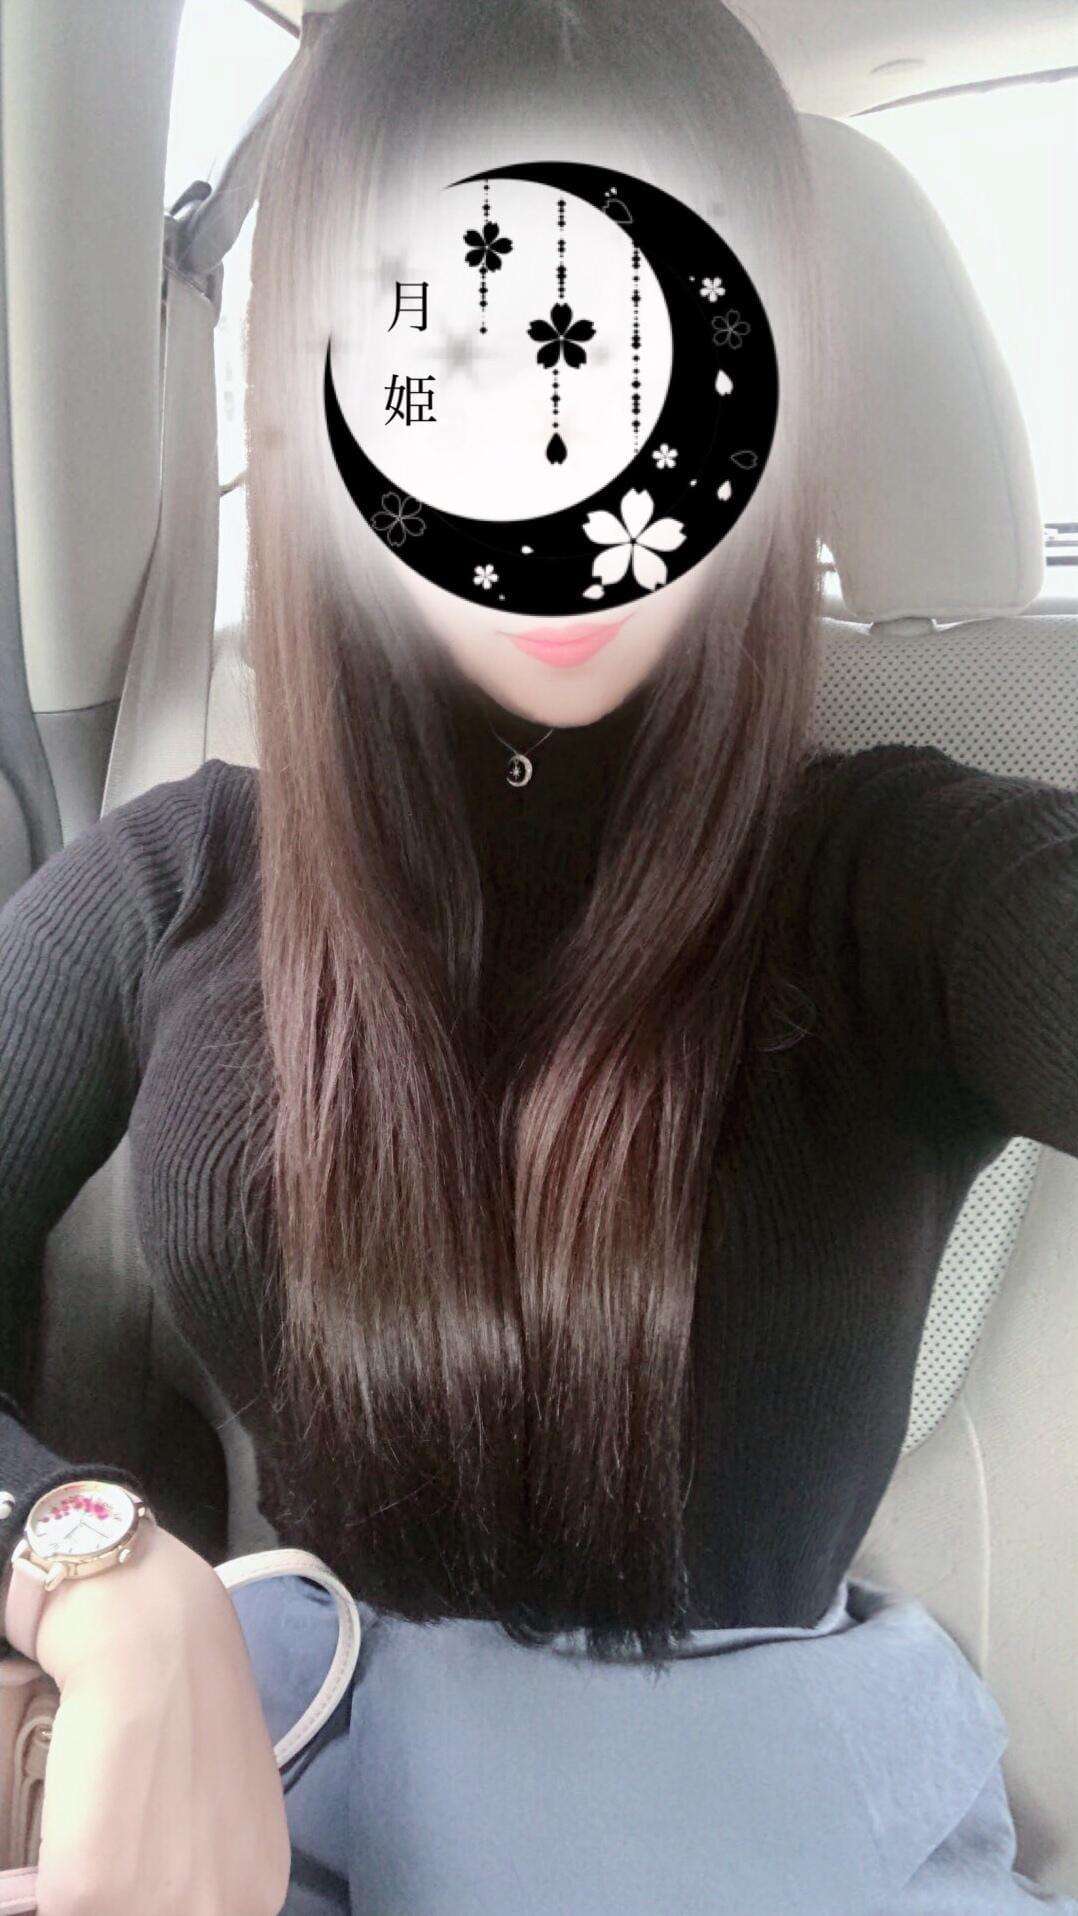 「♥ふふ。。♥」09/22日(土) 22:11 | 芹沢 月姫の写メ・風俗動画